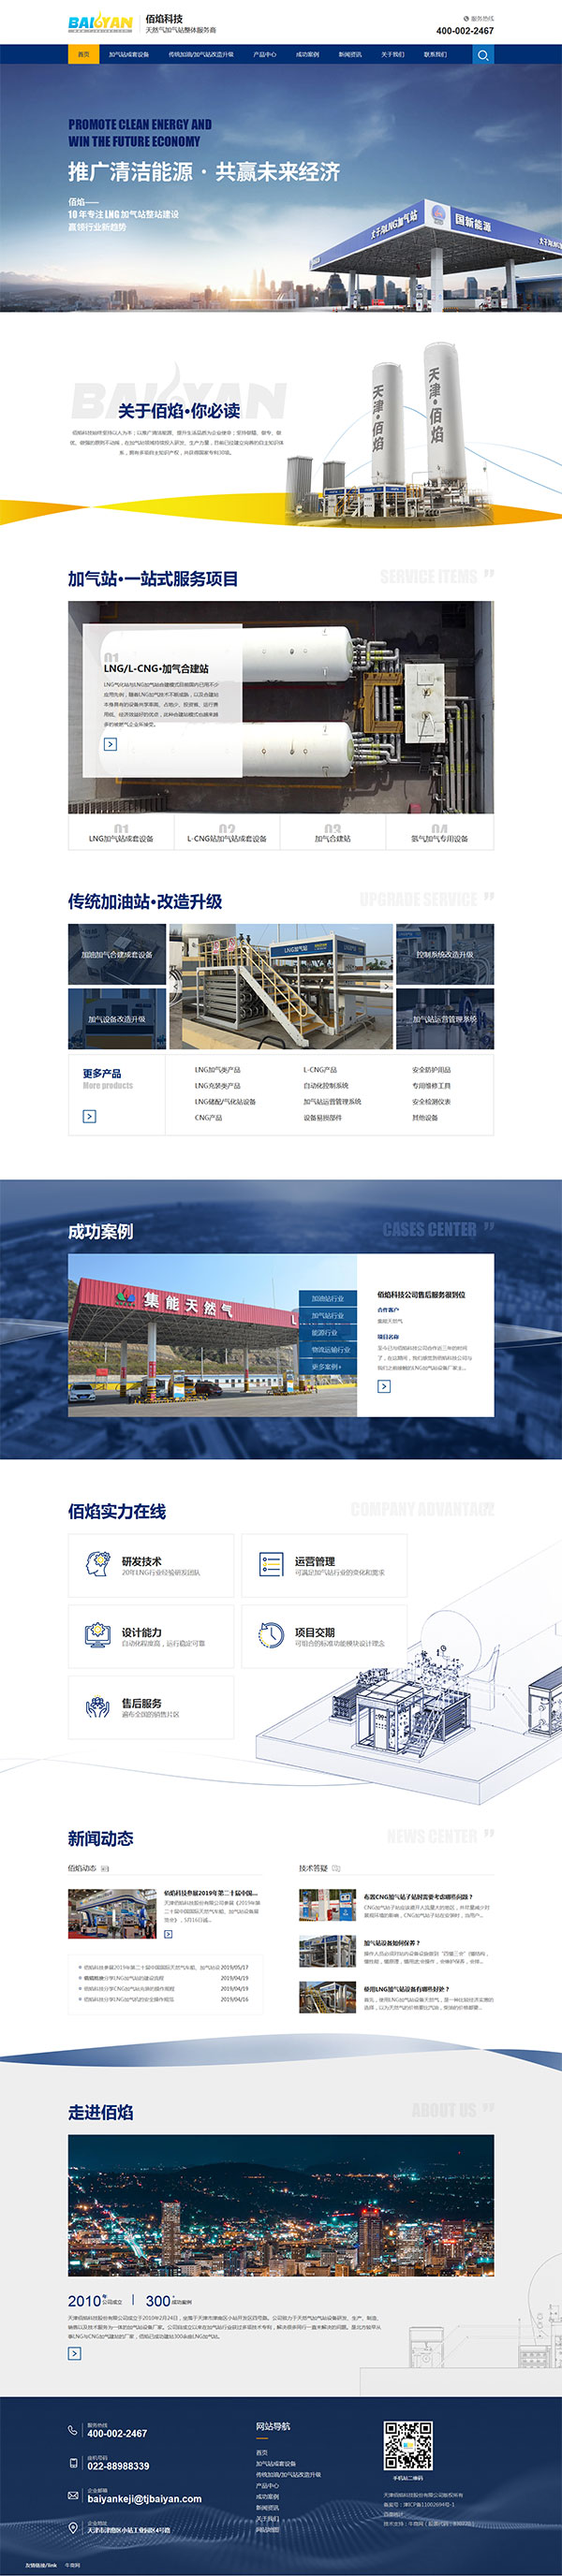 佰焰科技-龙8国际龙88型龙8国际官网首页首页